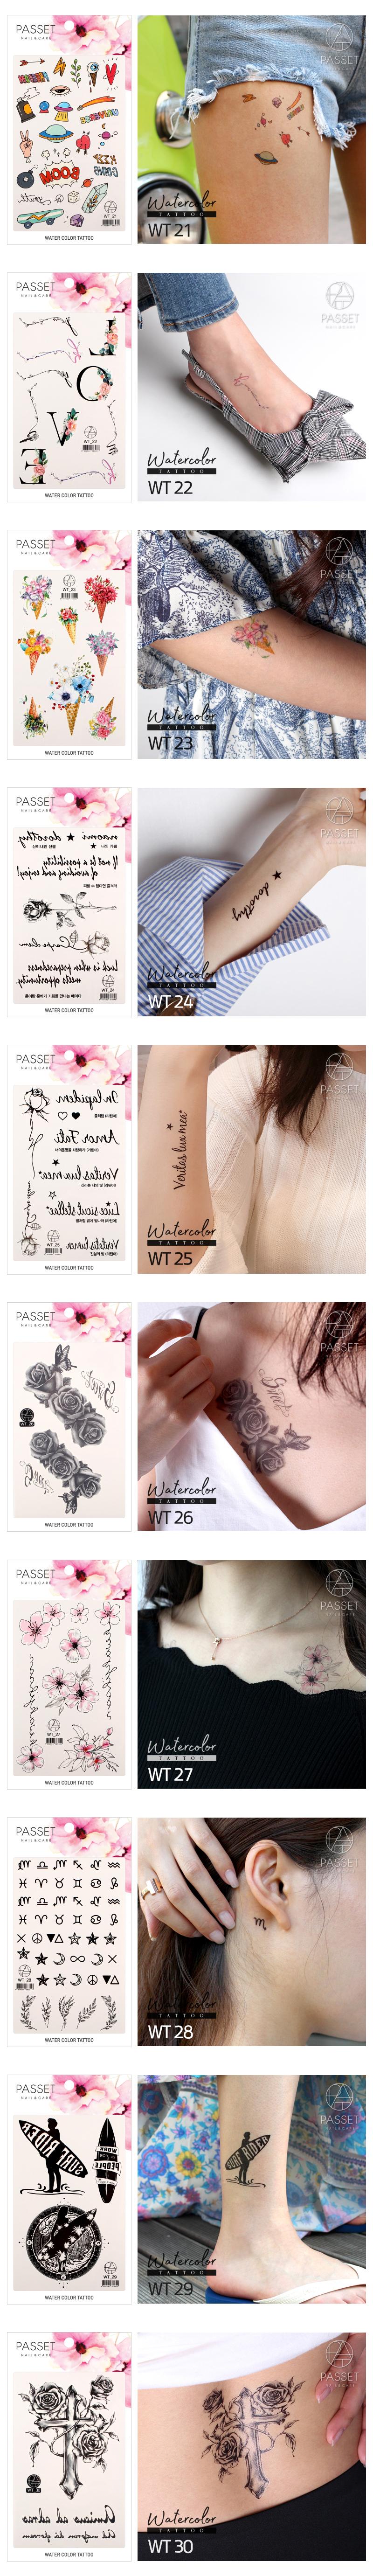 앵콜1+1 파셋수채화타투스티커/문신/컬러타투 - 파셋, 5,000원, 바디메이크업, 타투스티커